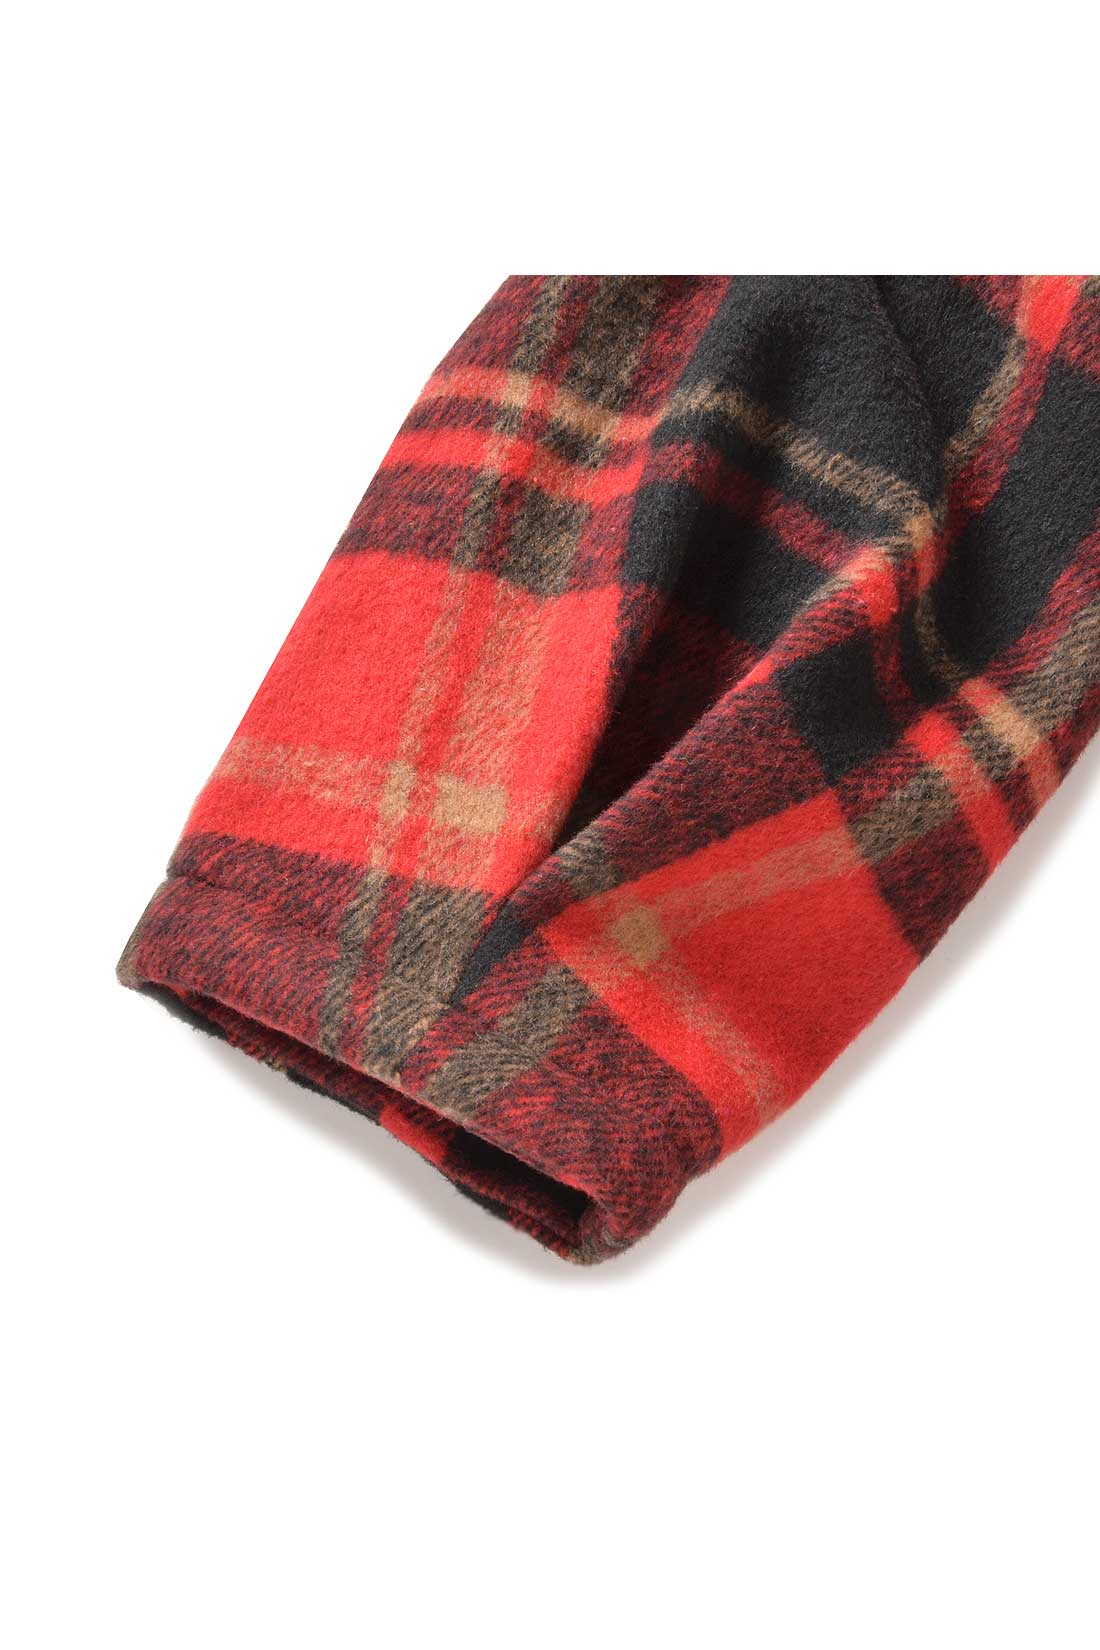 袖にタックを寄せて、ふわっとした形になるようにしました。